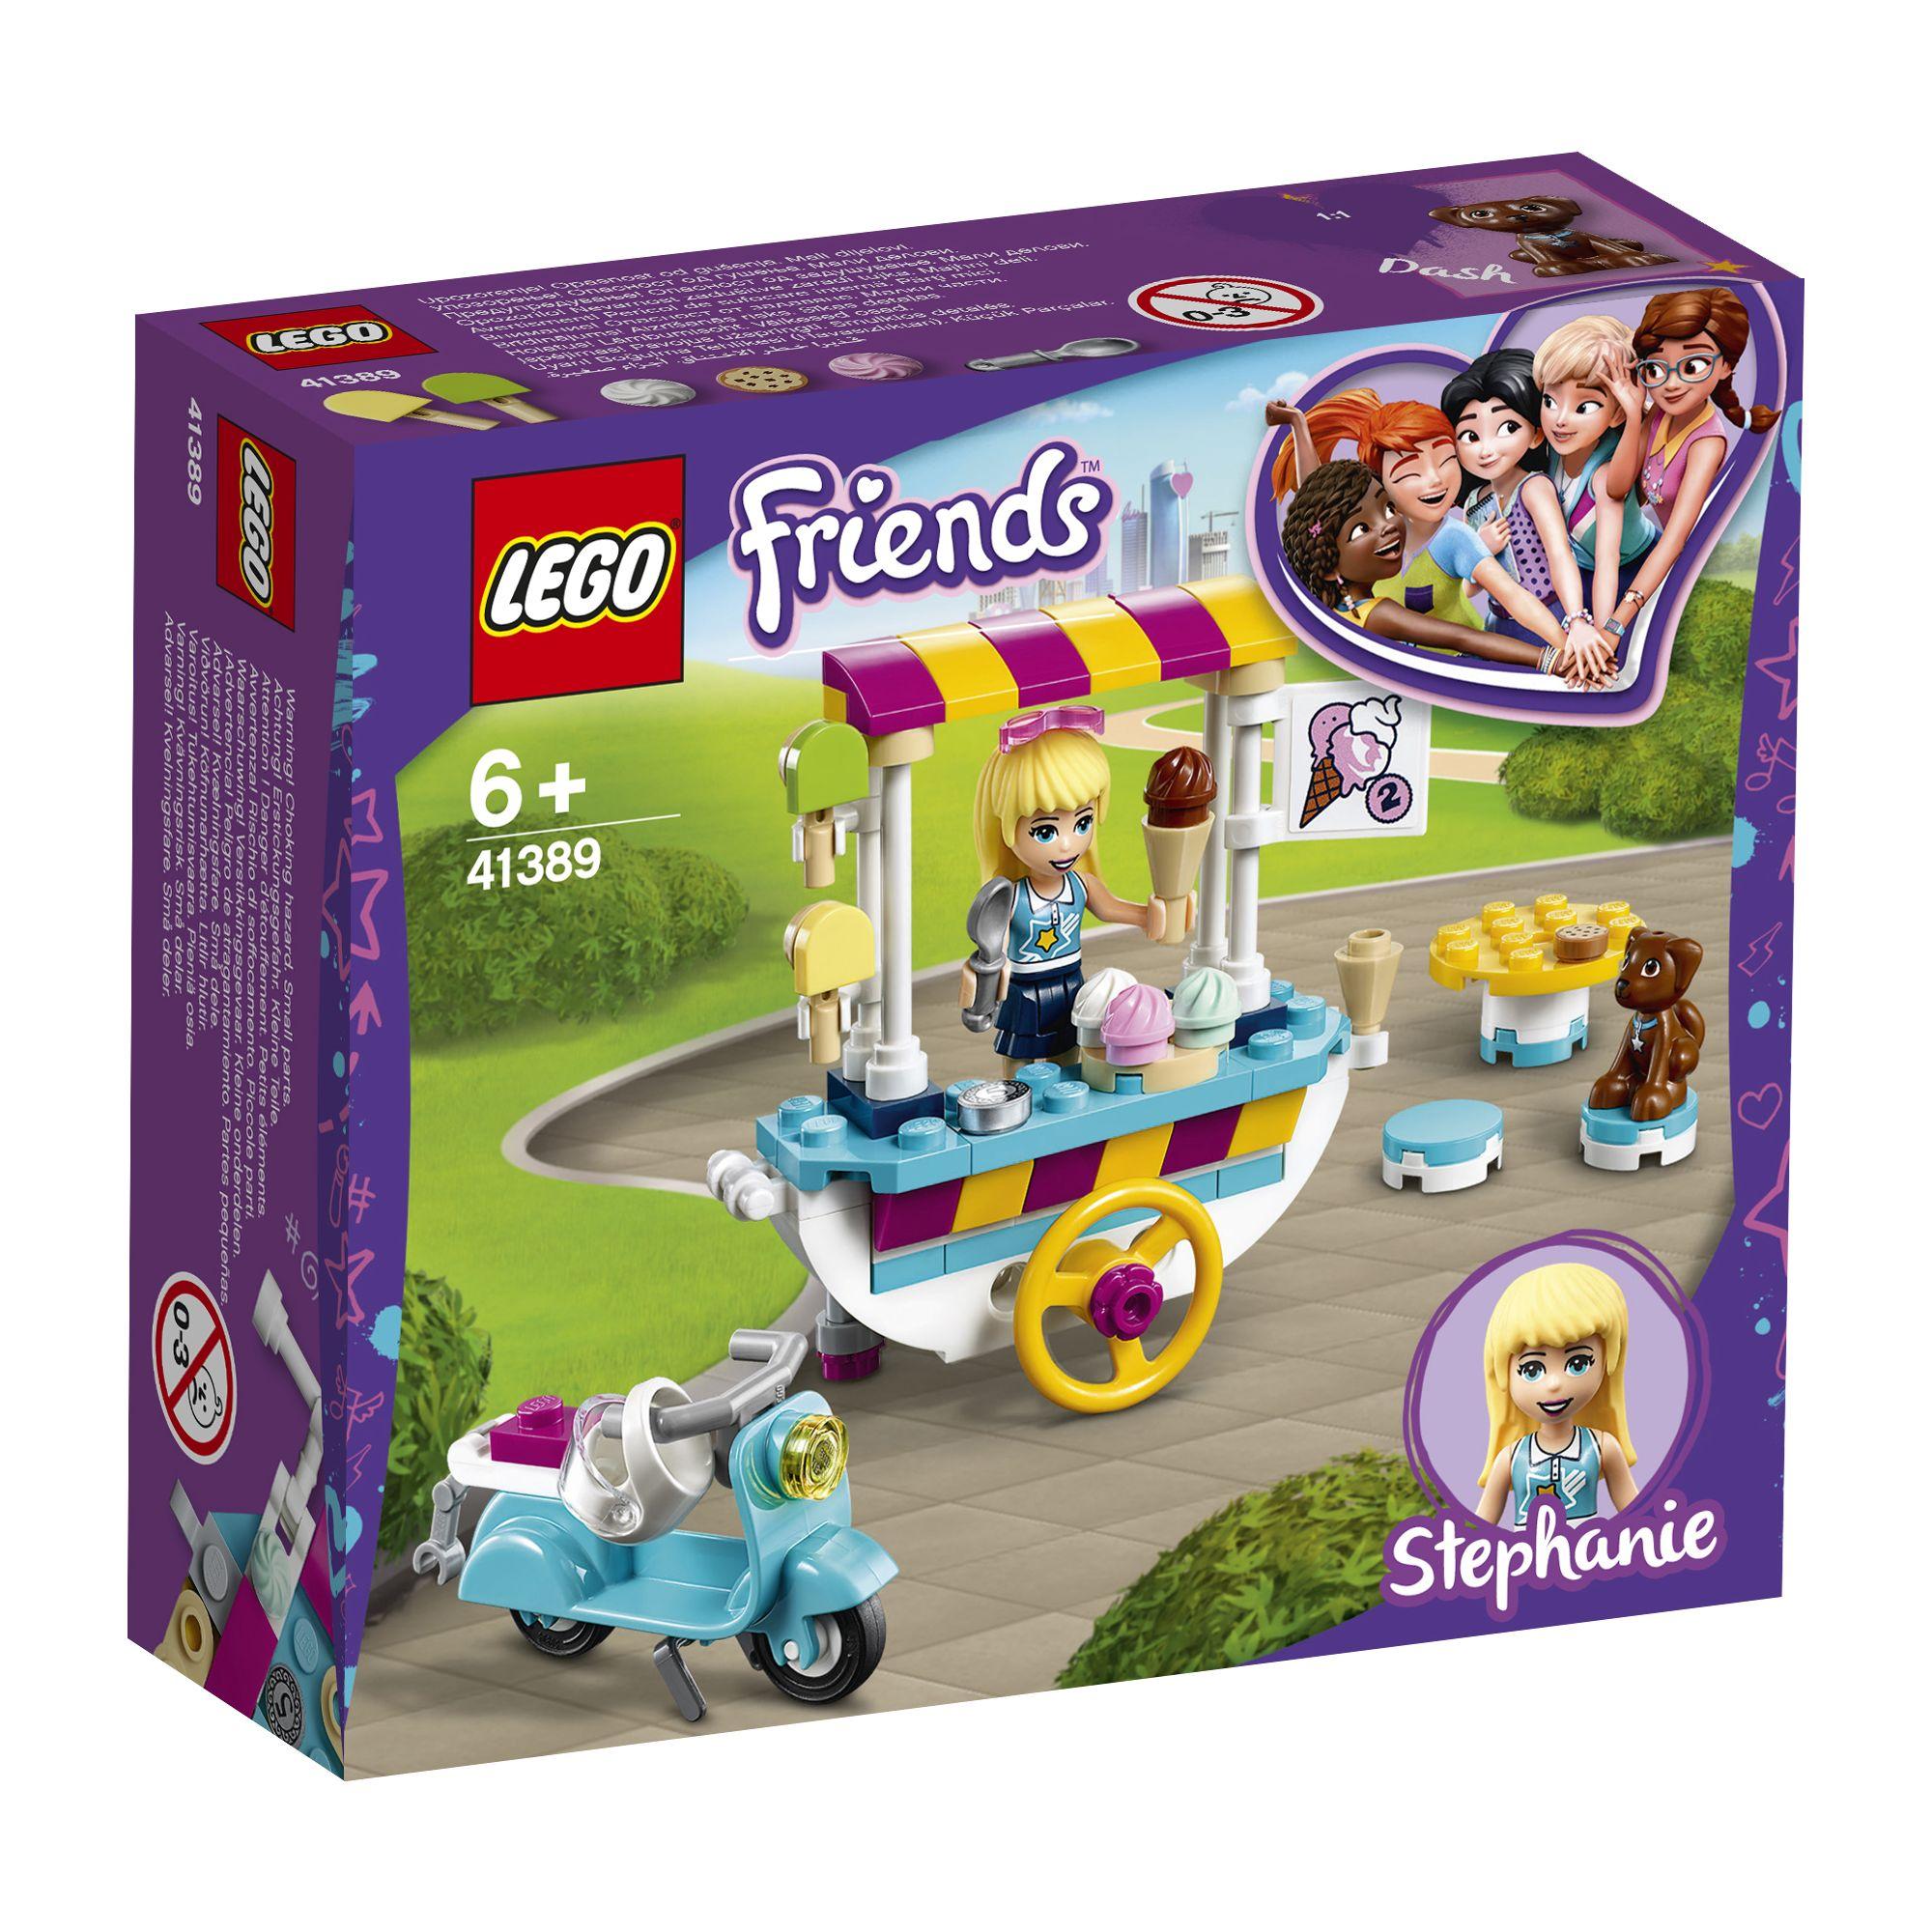 LEGO Friends Il carretto dei gelati - 41389 LEGO FRIENDS